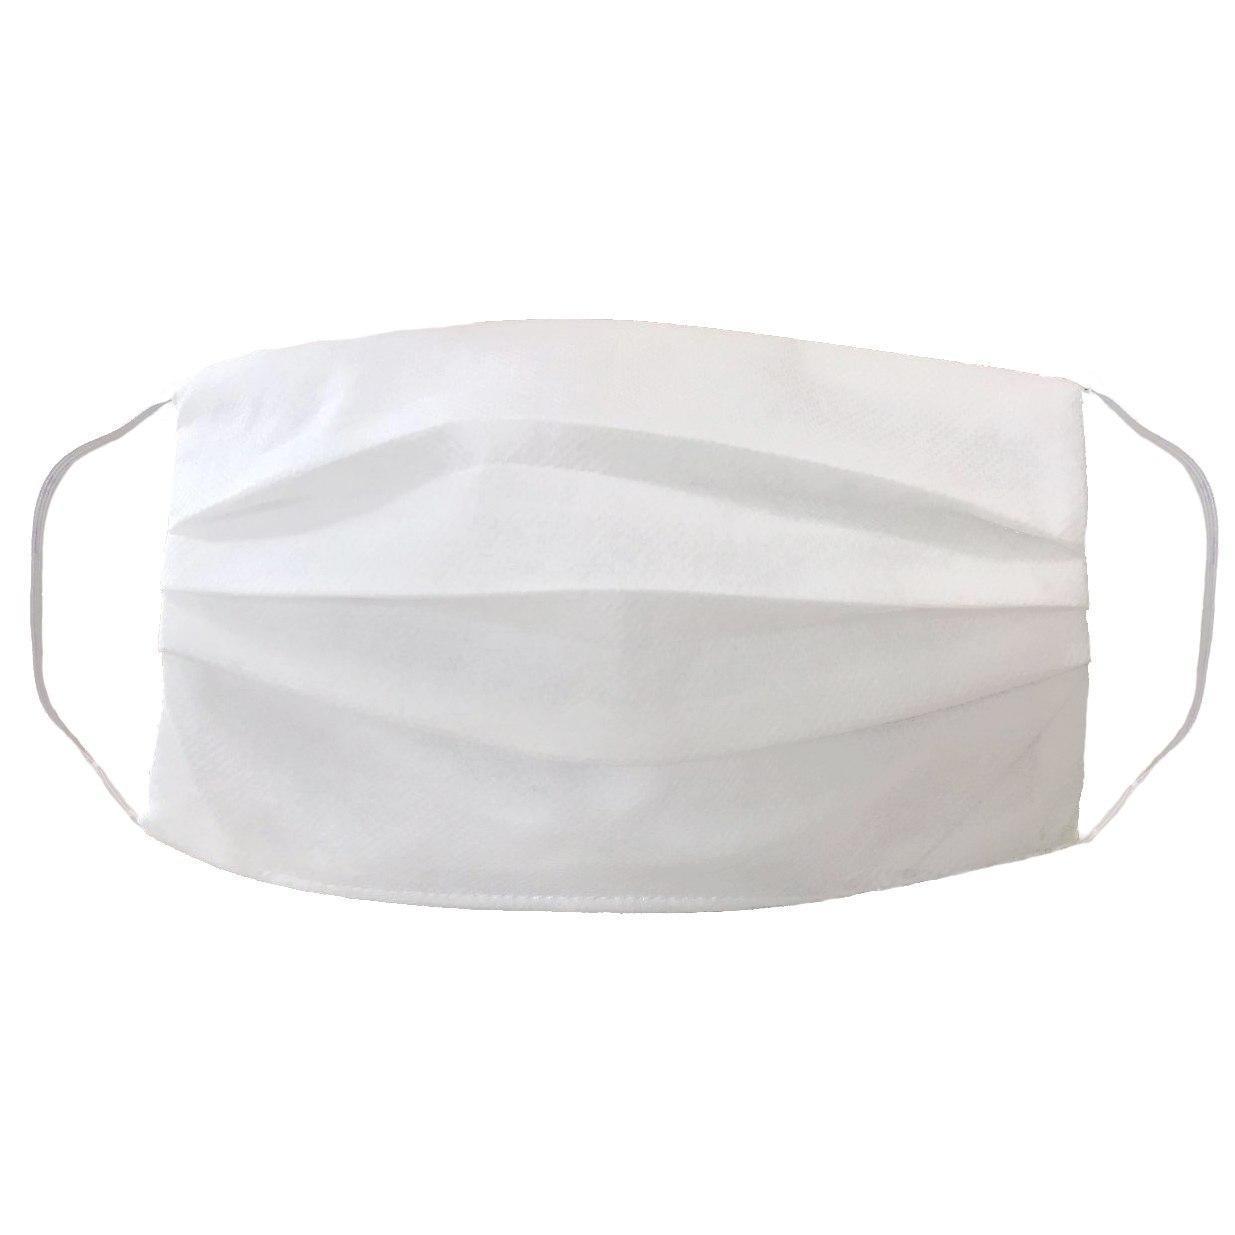 Набор масок защитных для лица Спецмедпошив трехслойная 30 шт (36-223296)